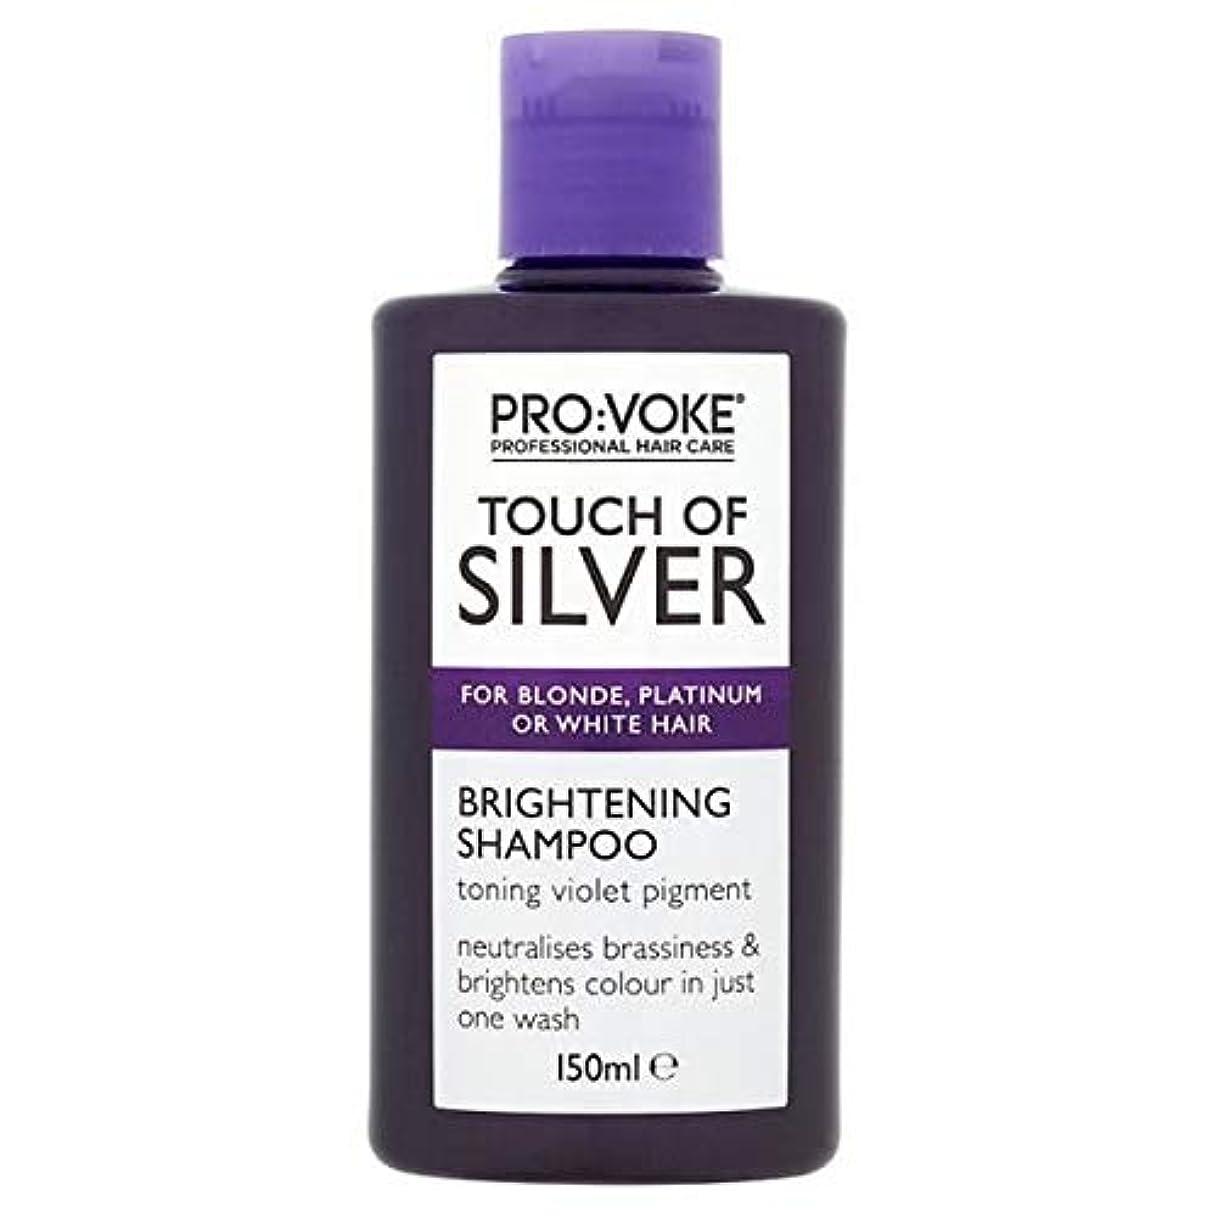 歌詞フォージ素晴らしき[Pro:Voke] プロ:紫色のシャンプー150ミリリットルを明るく銀のVokeタッチ - PRO:VOKE Touch Of Silver Brightening Purple Shampoo 150ml [並行輸入品]